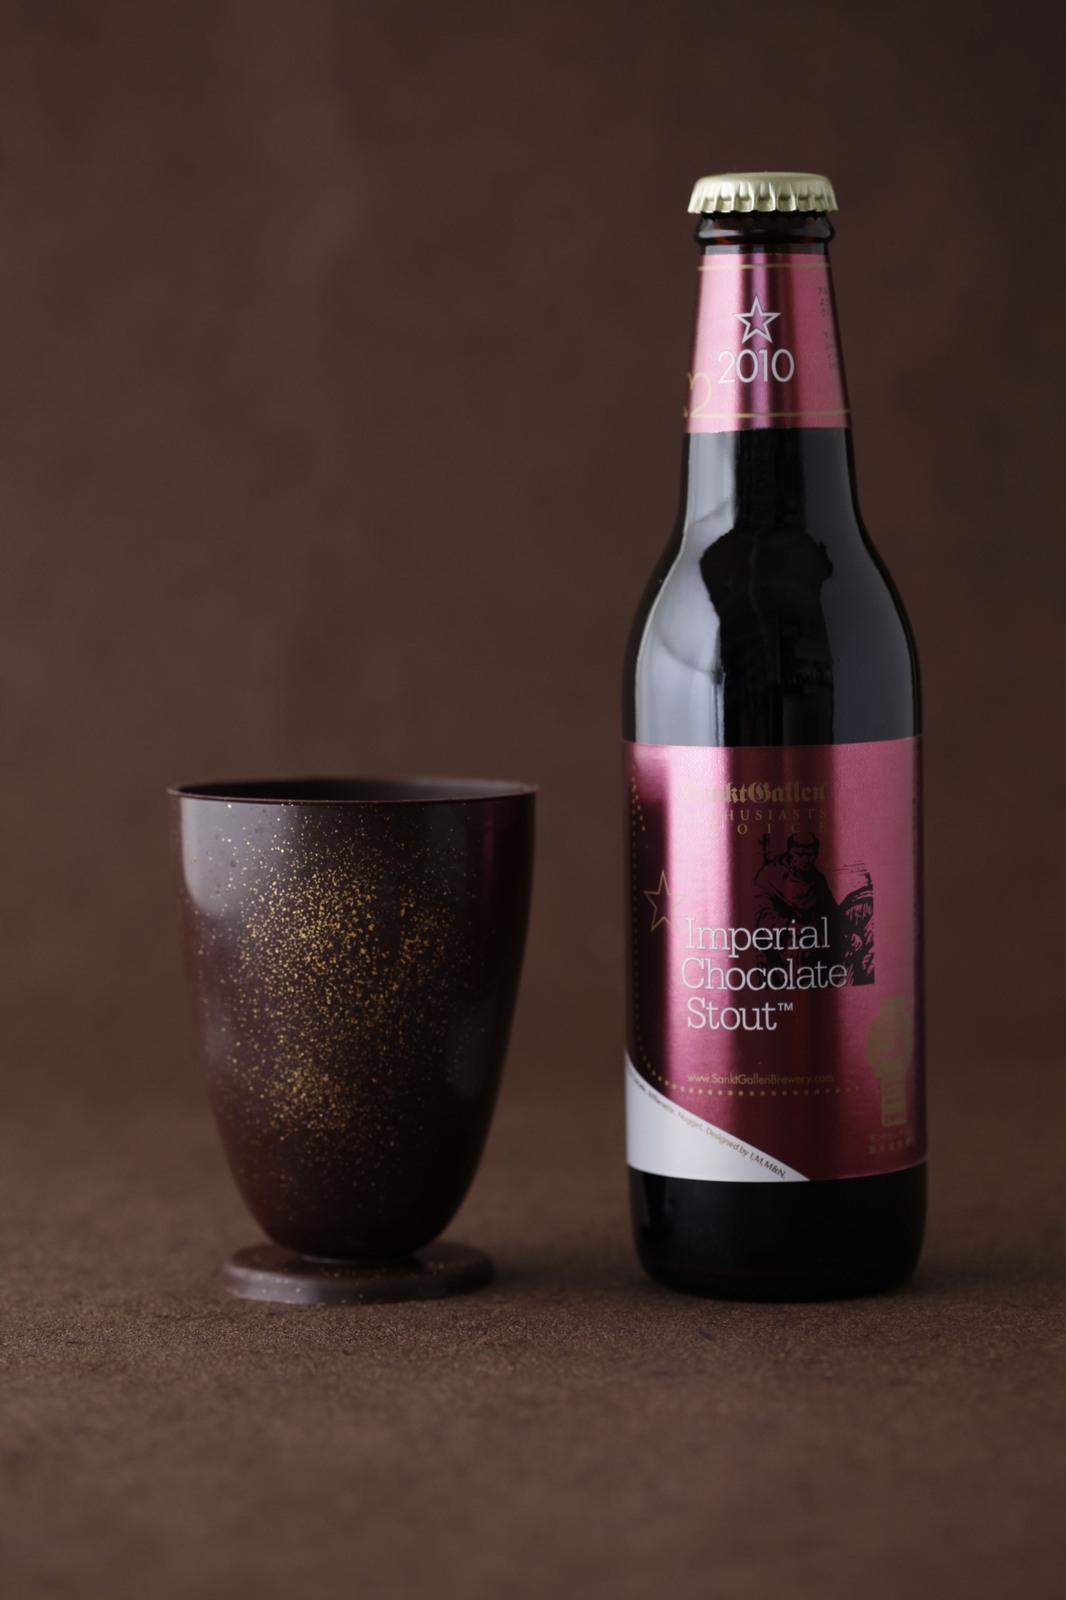 チョコレート製の食べられるグラス&チョコビール2013年2月1日(金)より500セット限定発売